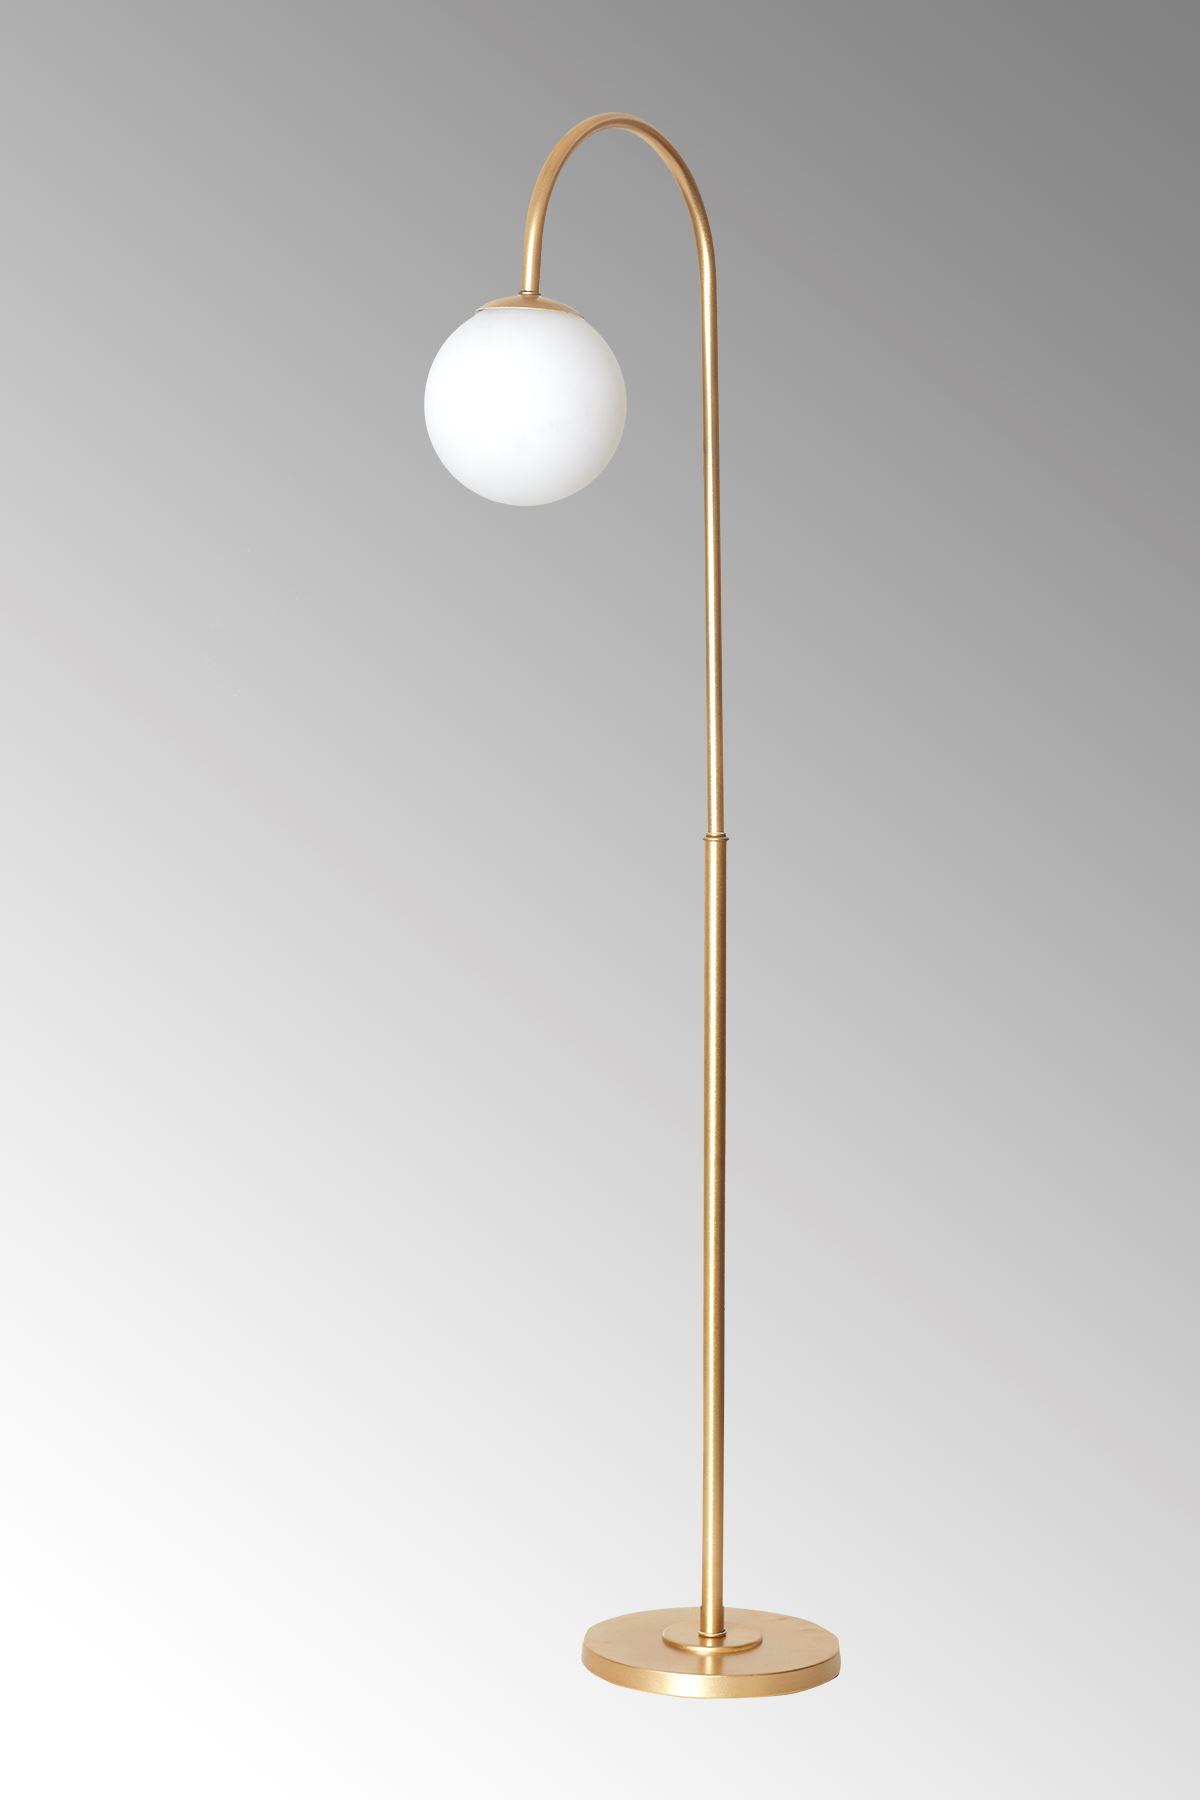 Amor Sarı Metal Gövde Beyaz Camlı Tasarım Lüx Yerden Aydınlatma Lambader